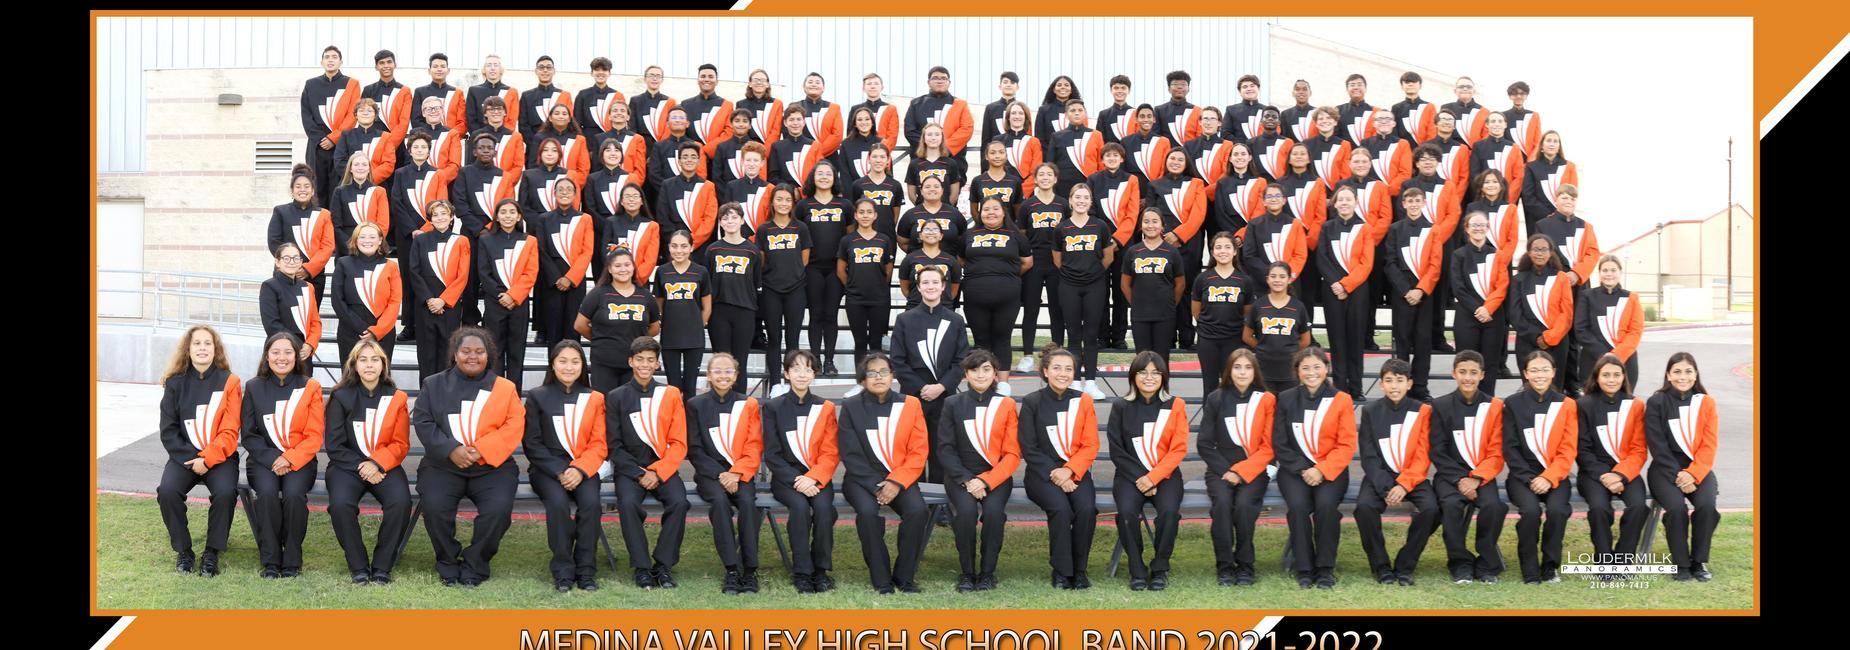 MVHS Band